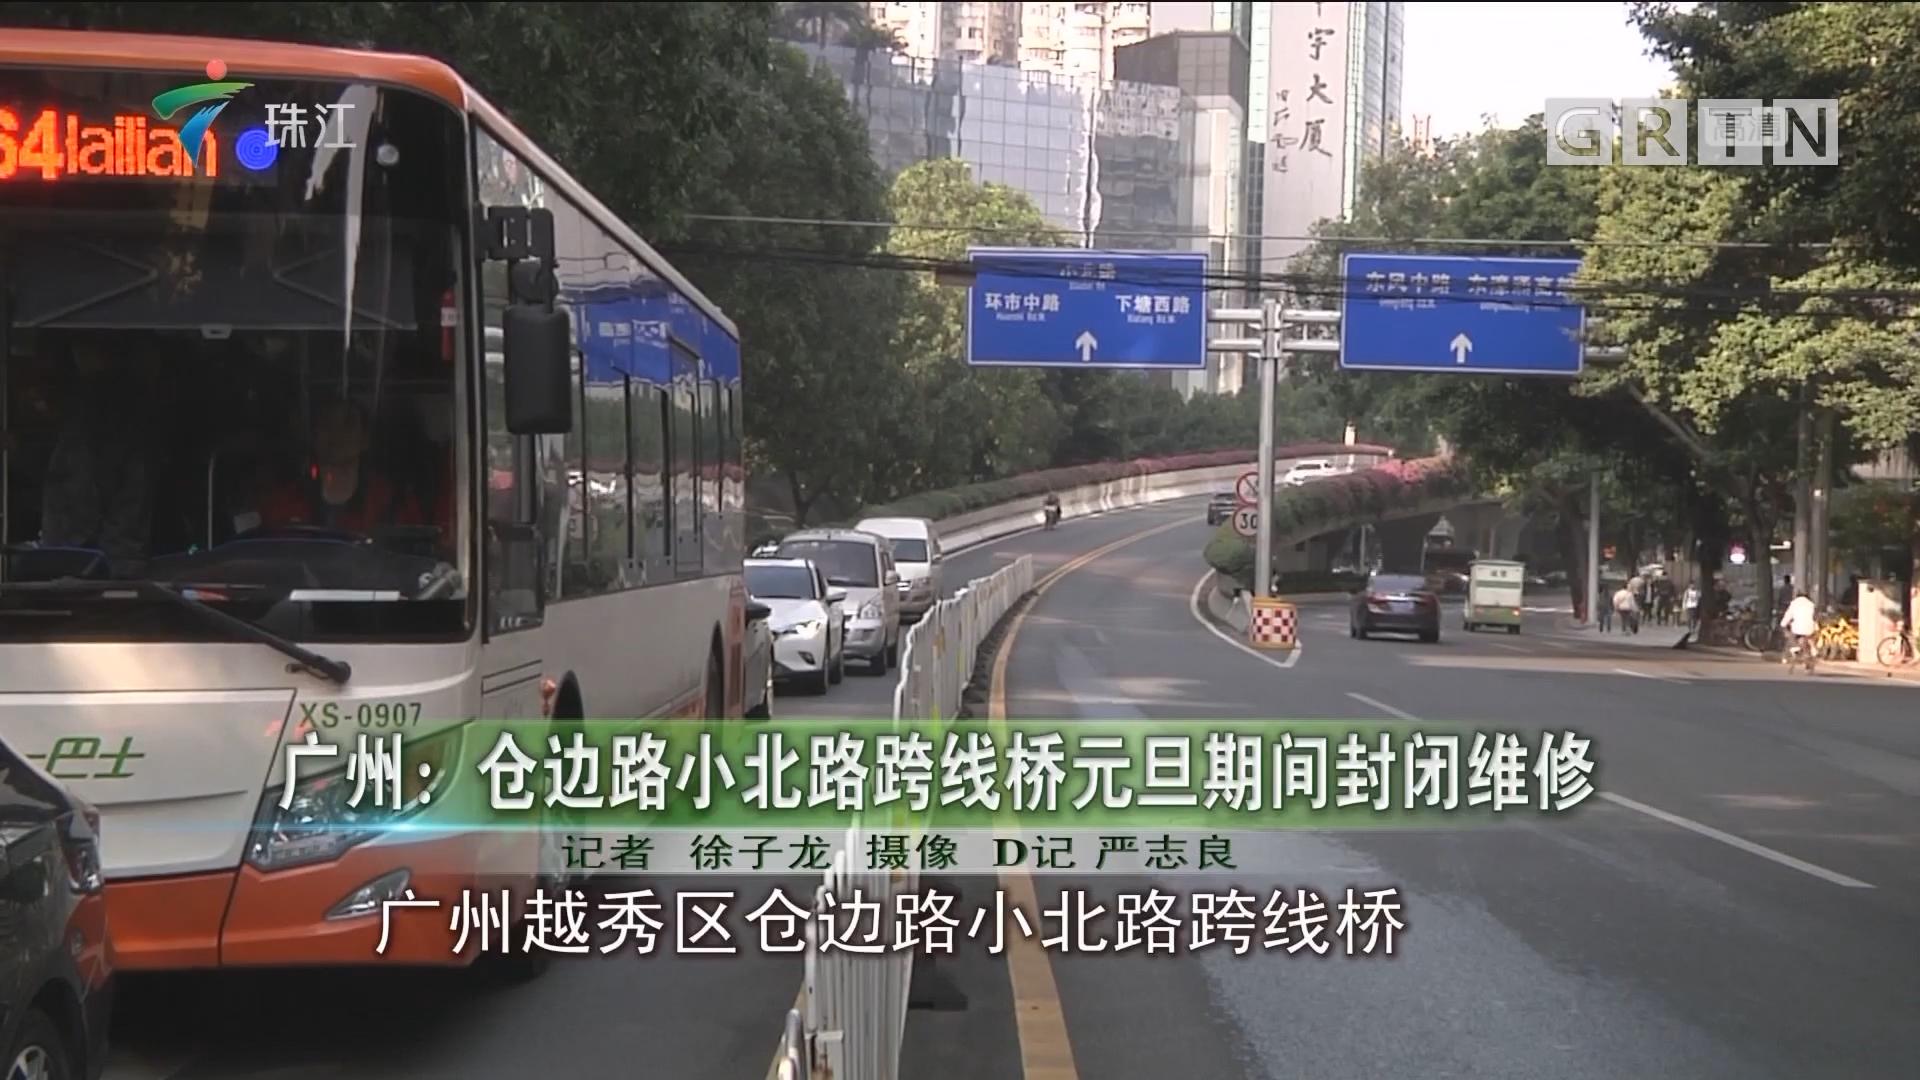 广州:仓边路小北路跨线桥元旦期间封闭维修